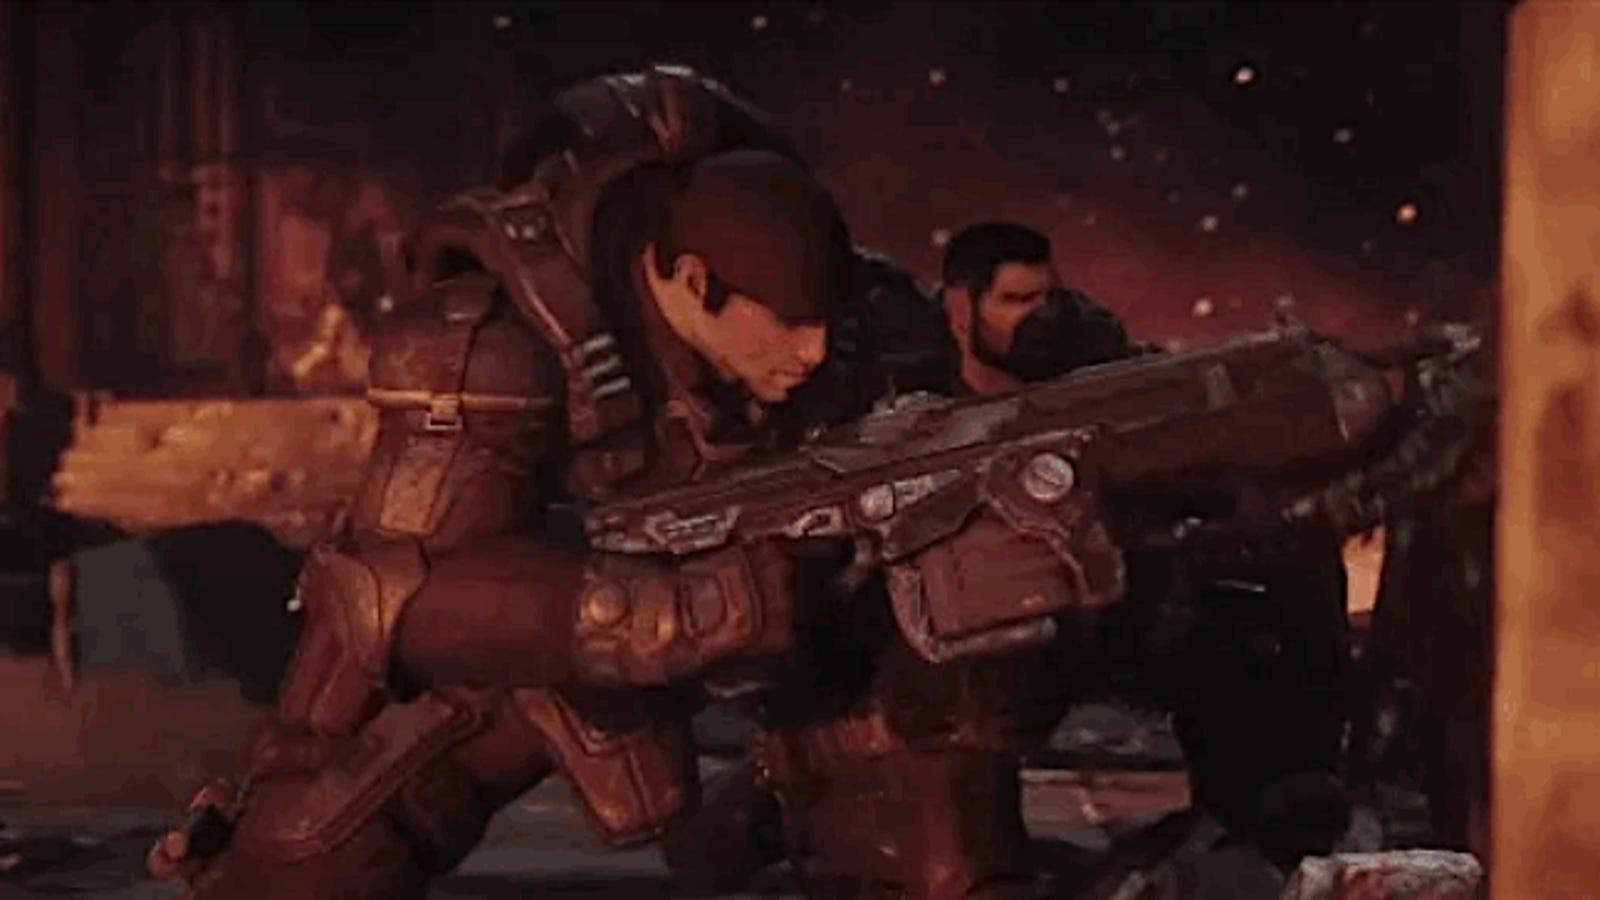 Probamos Gears of War Ultimate Edition para Windows 10: los clásicos nunca mueren